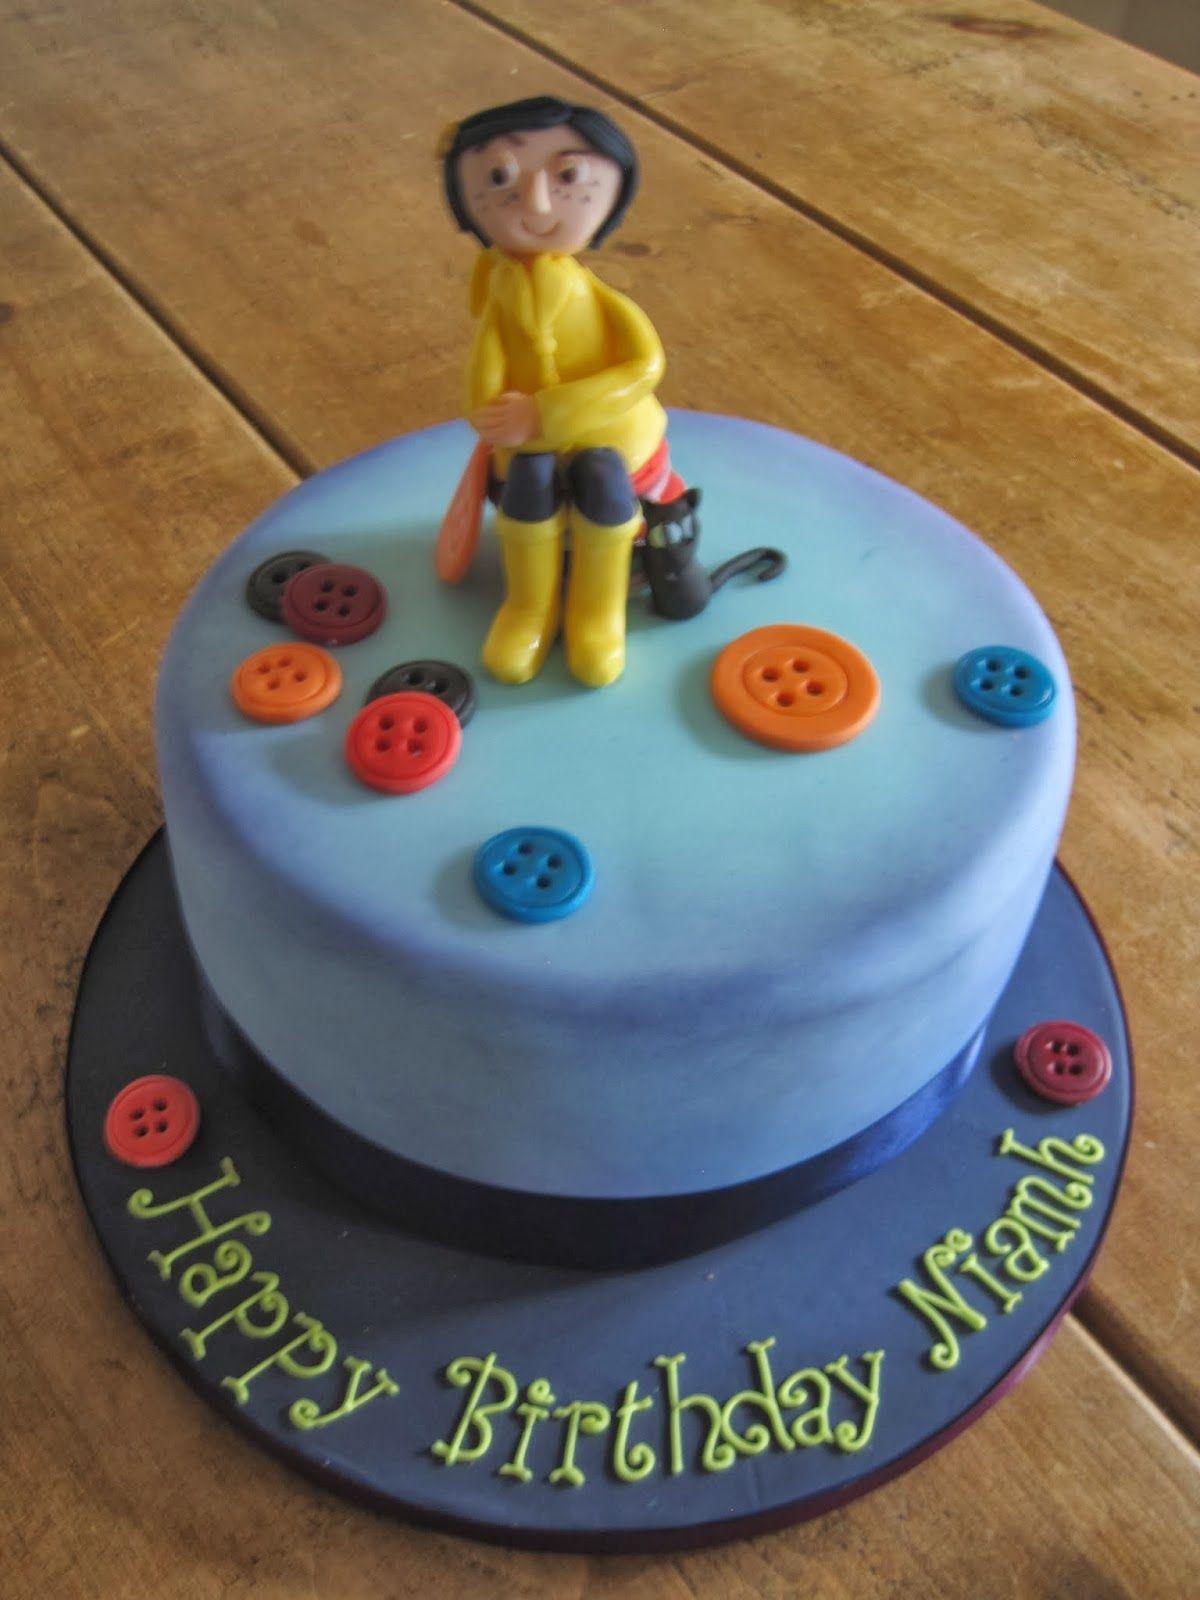 Terrific Cake Crush Coraline Birthday Cake With Images Birthday Cake Funny Birthday Cards Online Inifodamsfinfo